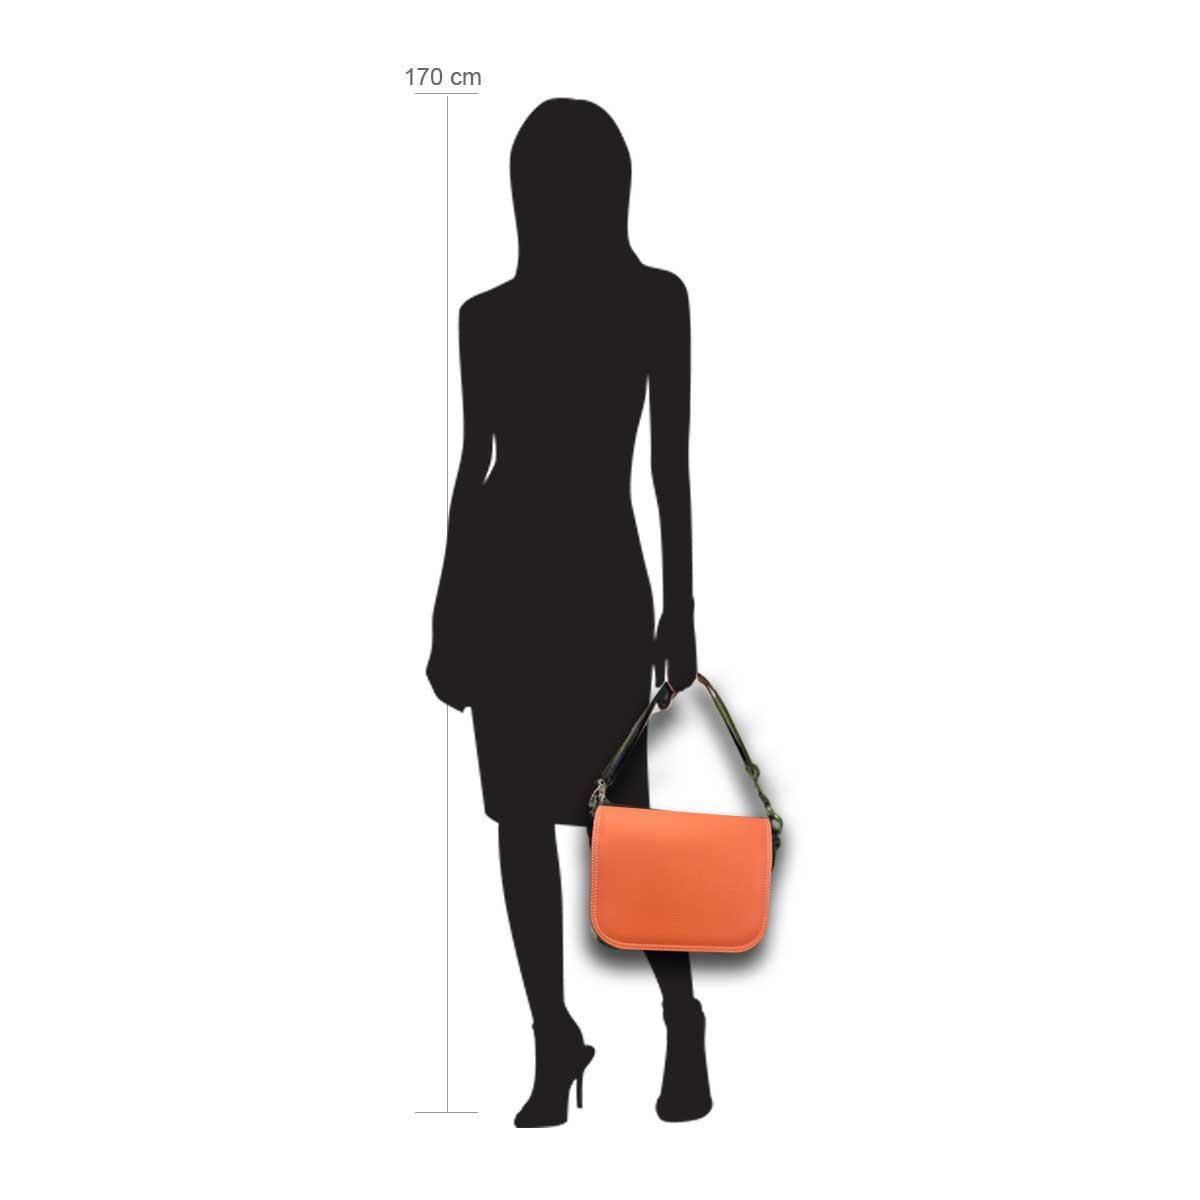 Modellpuppe 170 cm groß zeigt die Handtaschengröße an der Person Modell:Orange